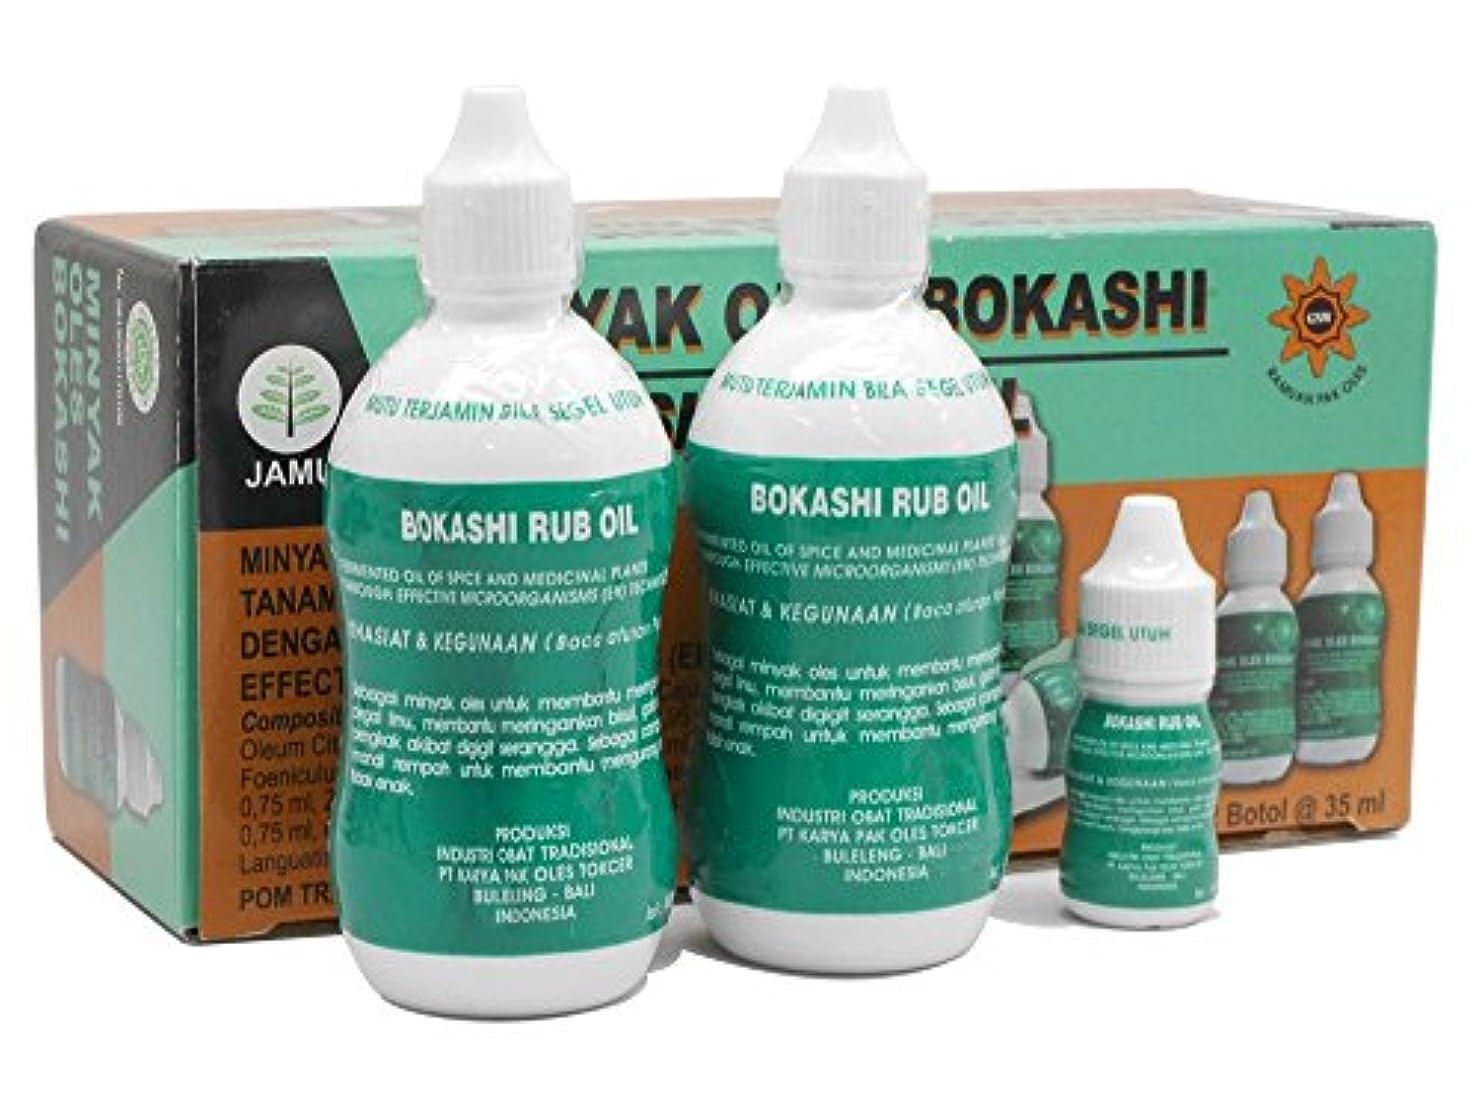 夢抹消適用するBOKASHI RUB OIL ボカシラブオイル 140ml (2本) 12ml (1本) 日本オリジナルモデル 日本正規代理店